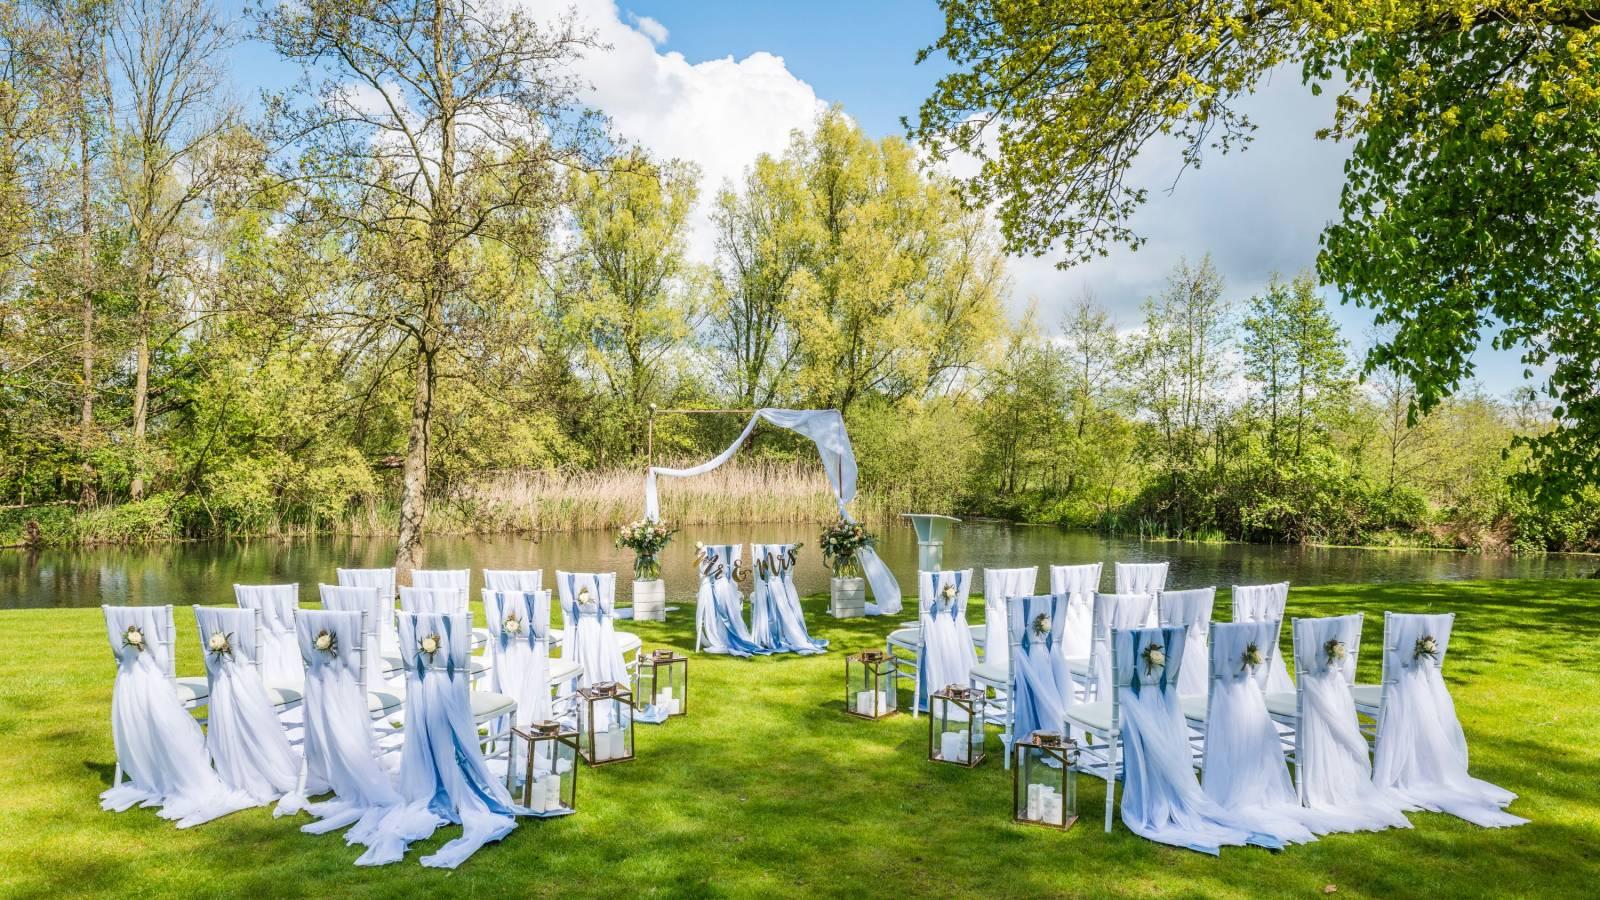 In Style Styling & Decoraties - Trouwdecoratie - Verhuurbedrijf - Wedding Design - House of Weddings - 30